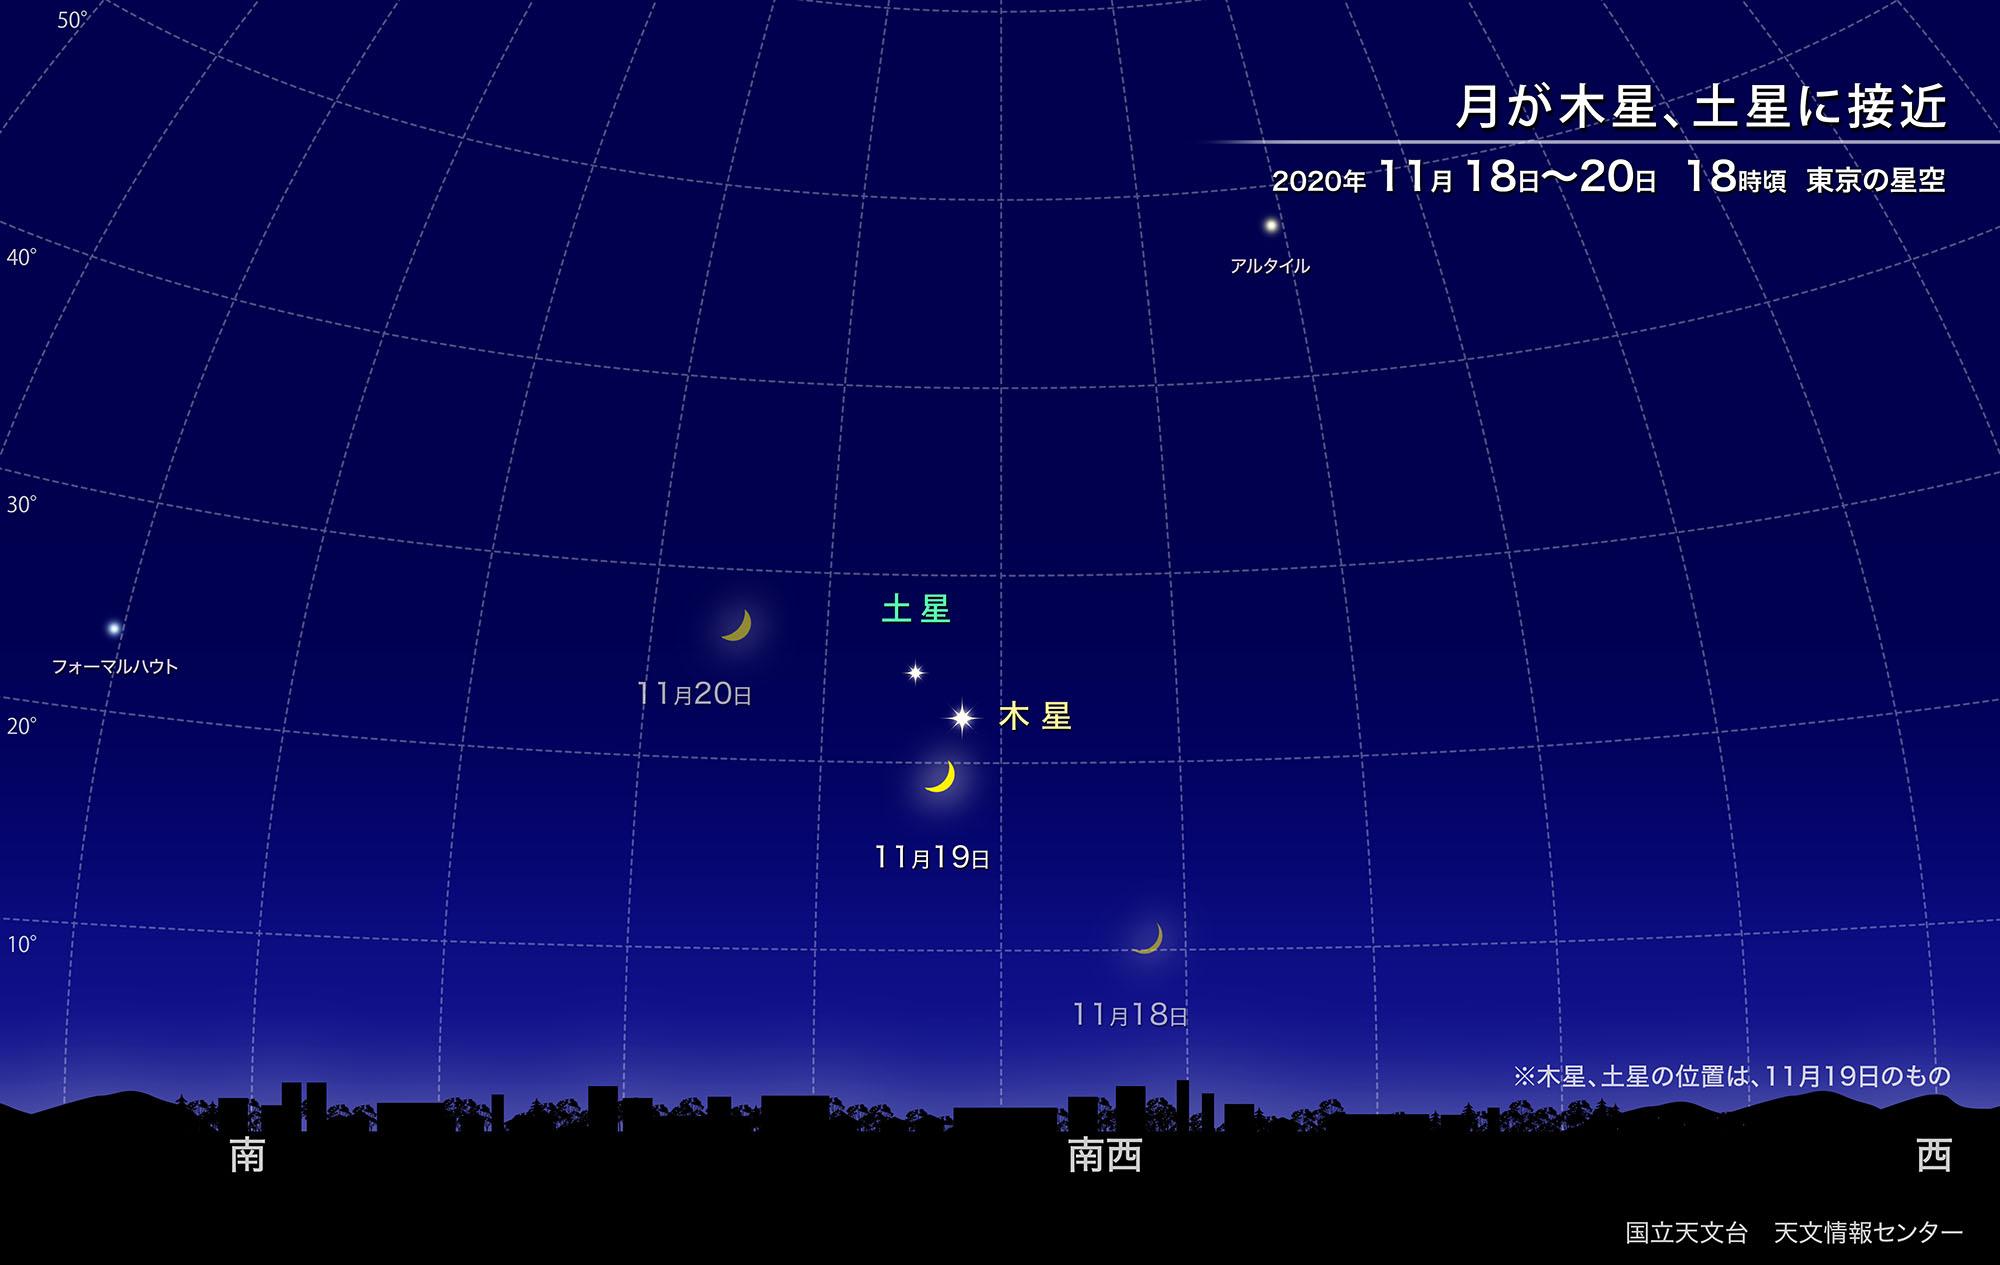 月が木星、土星に接近(2020年11月) | 国立天文台(NAOJ)